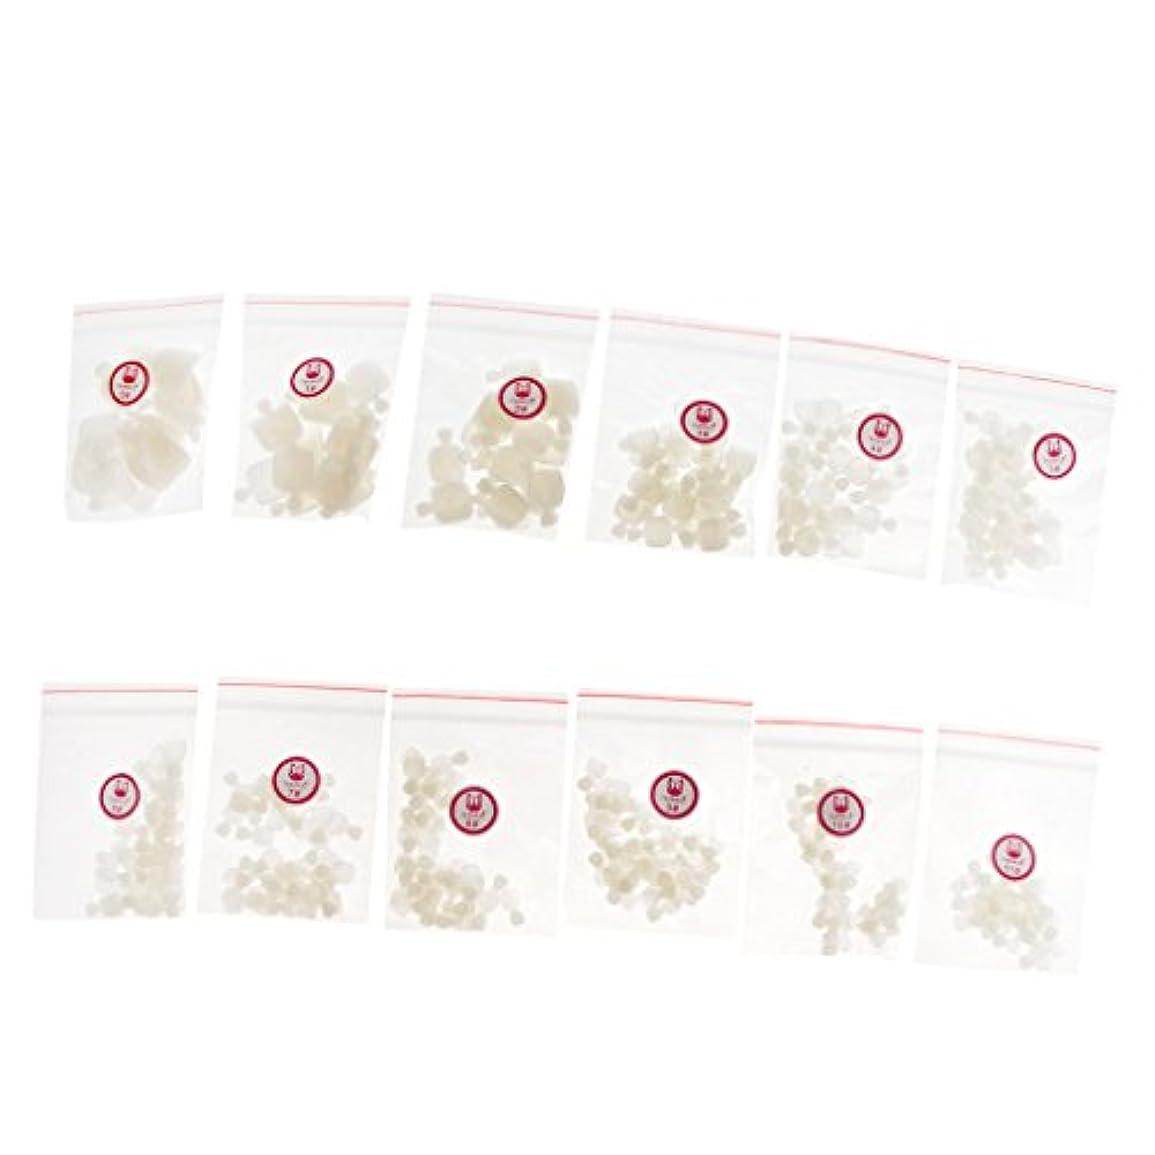 大臣雑種ほんのCUTICATE 足用 ネイルチップ フットネイルチップ 約504個 通気性 全3色 - ナチュラル